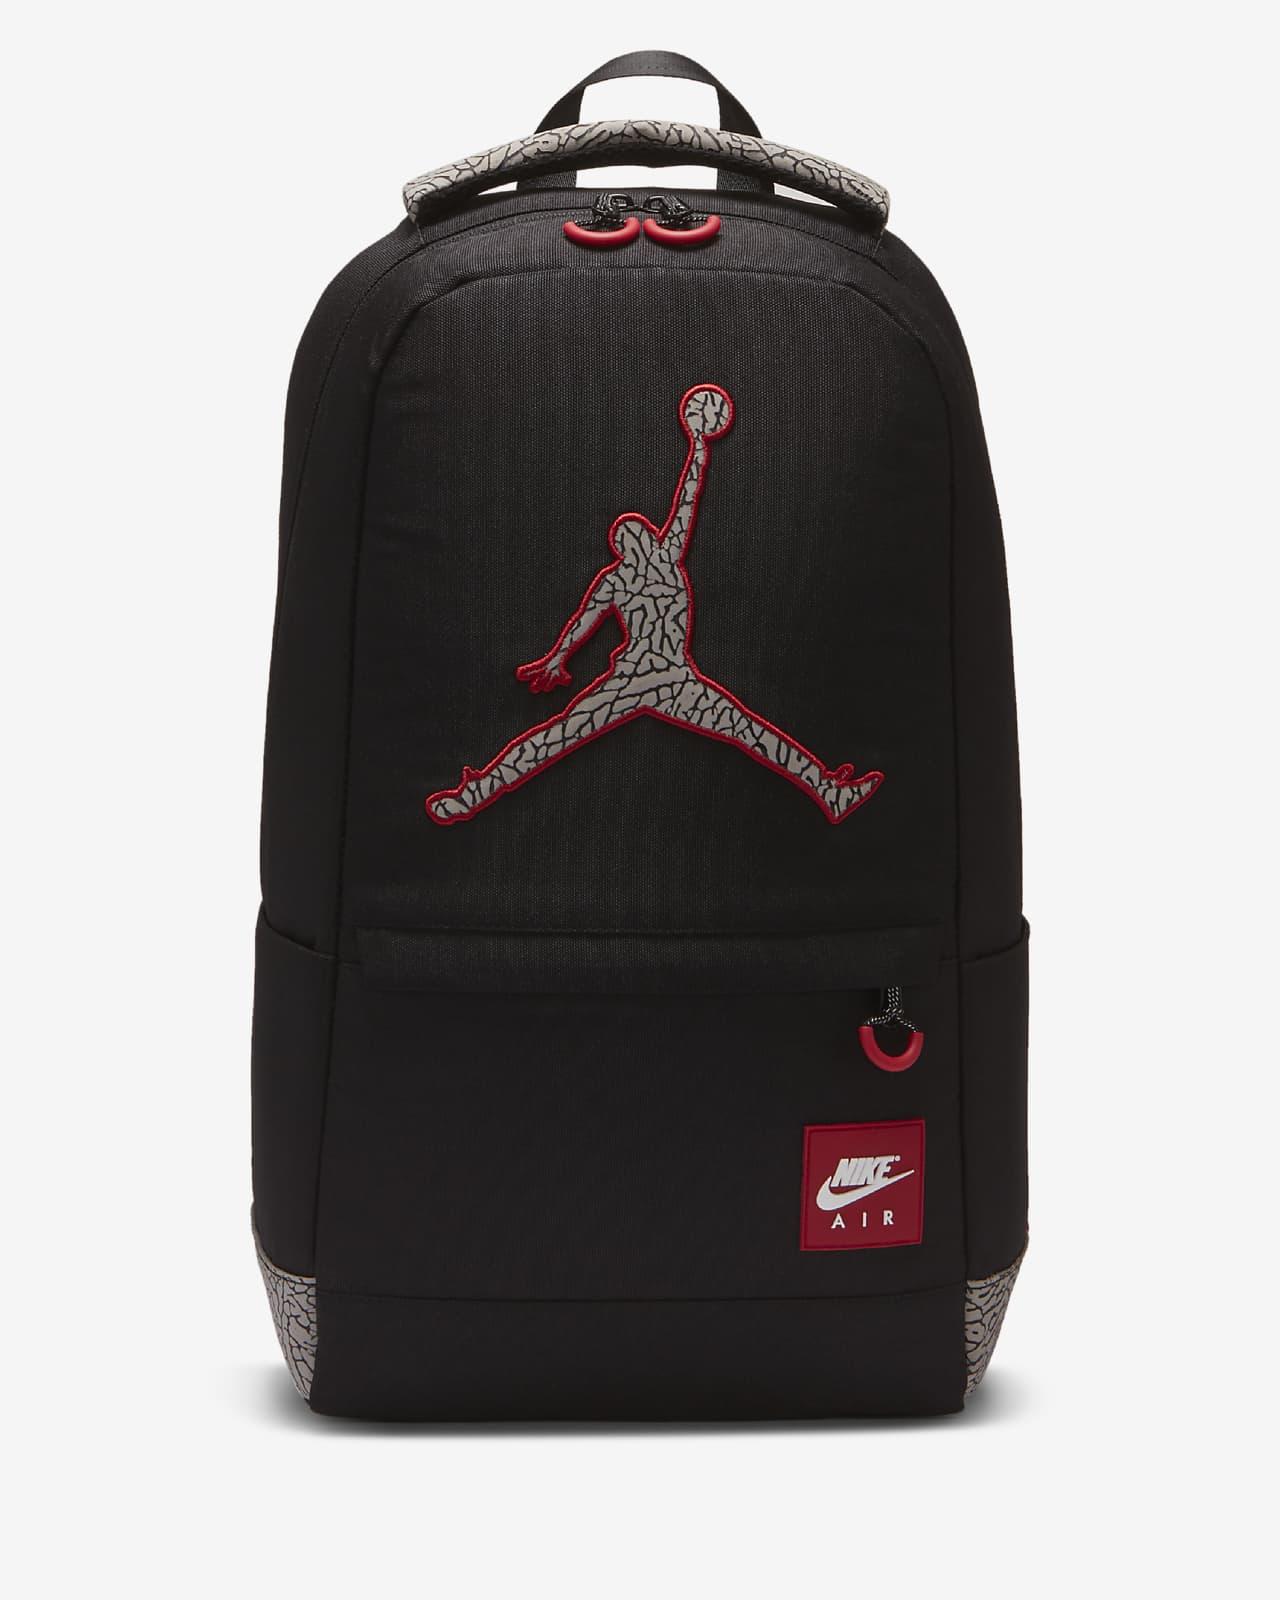 air jordan backpack